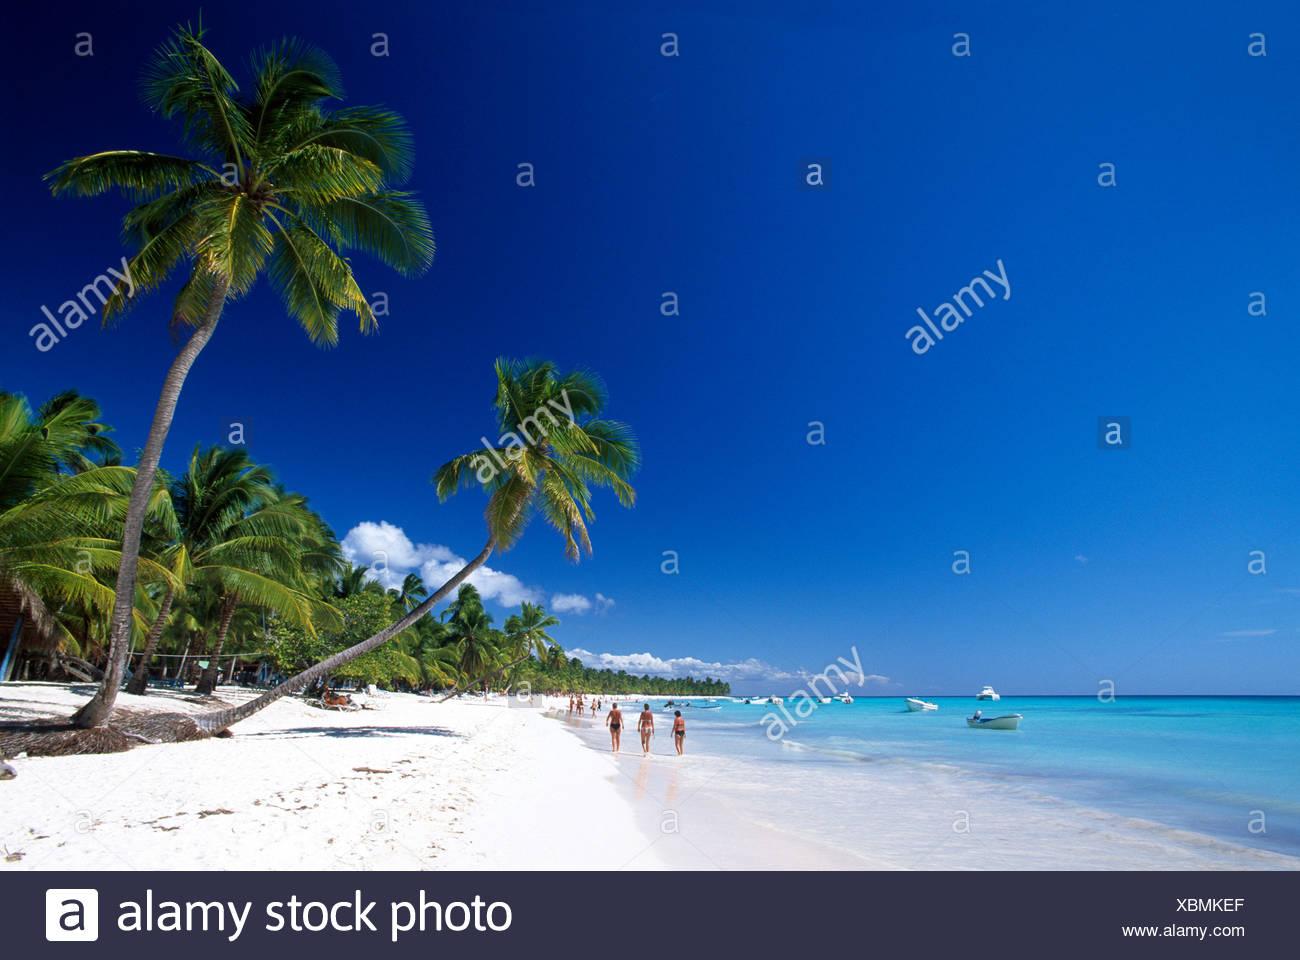 Al di fuori, cattedrale, a cupola, Rep, Repubblica Dominicana, all'aperto, fuori, isola, isola, Saona, Isla Saona, Caraibi, Caraibi, Immagini Stock